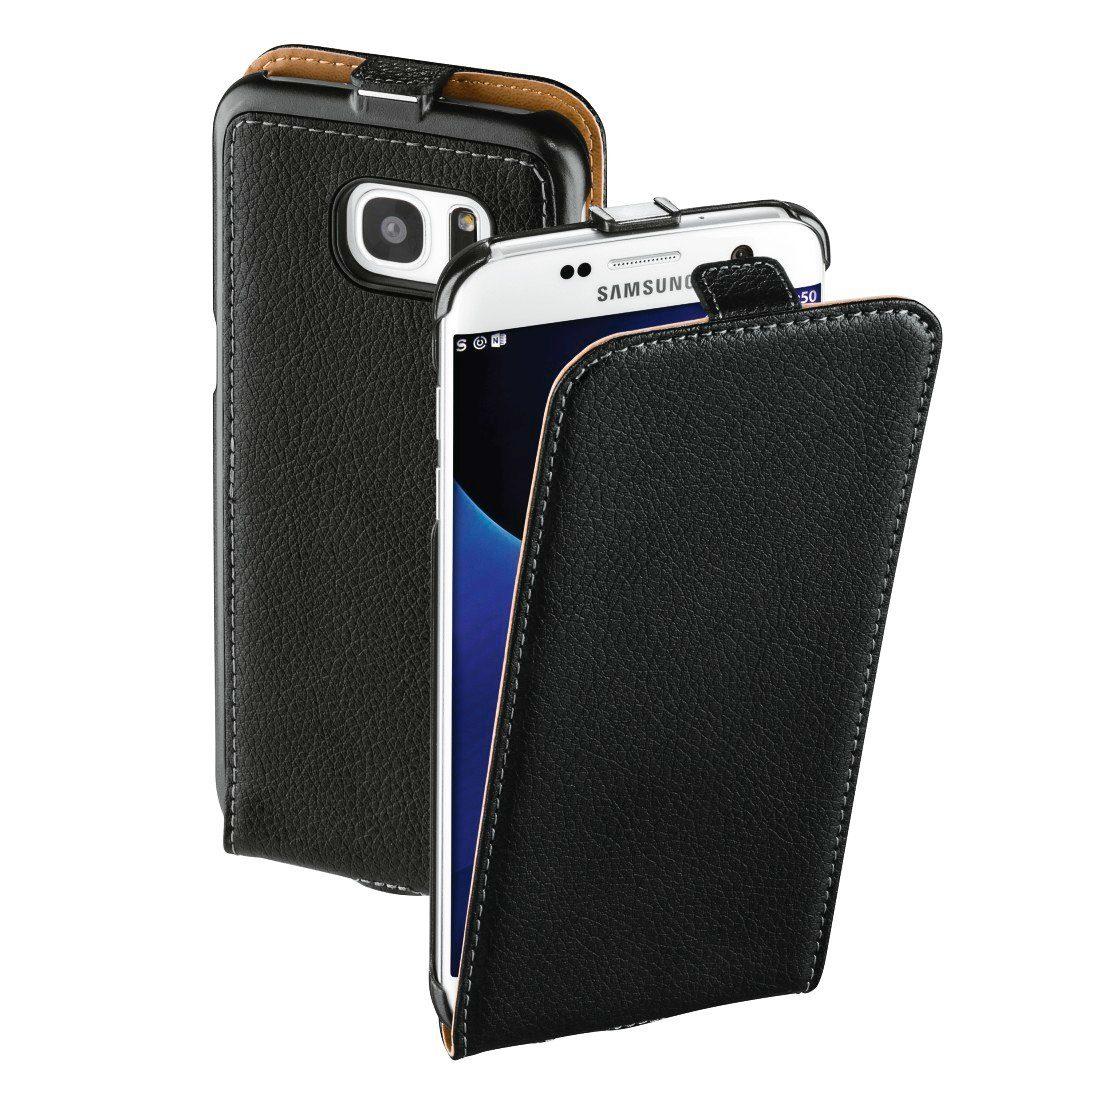 Hama Leder Hülle für Samsung Galaxy S7 Edge Handytasche Tasche »Handy Schutzhülle Flip Case«